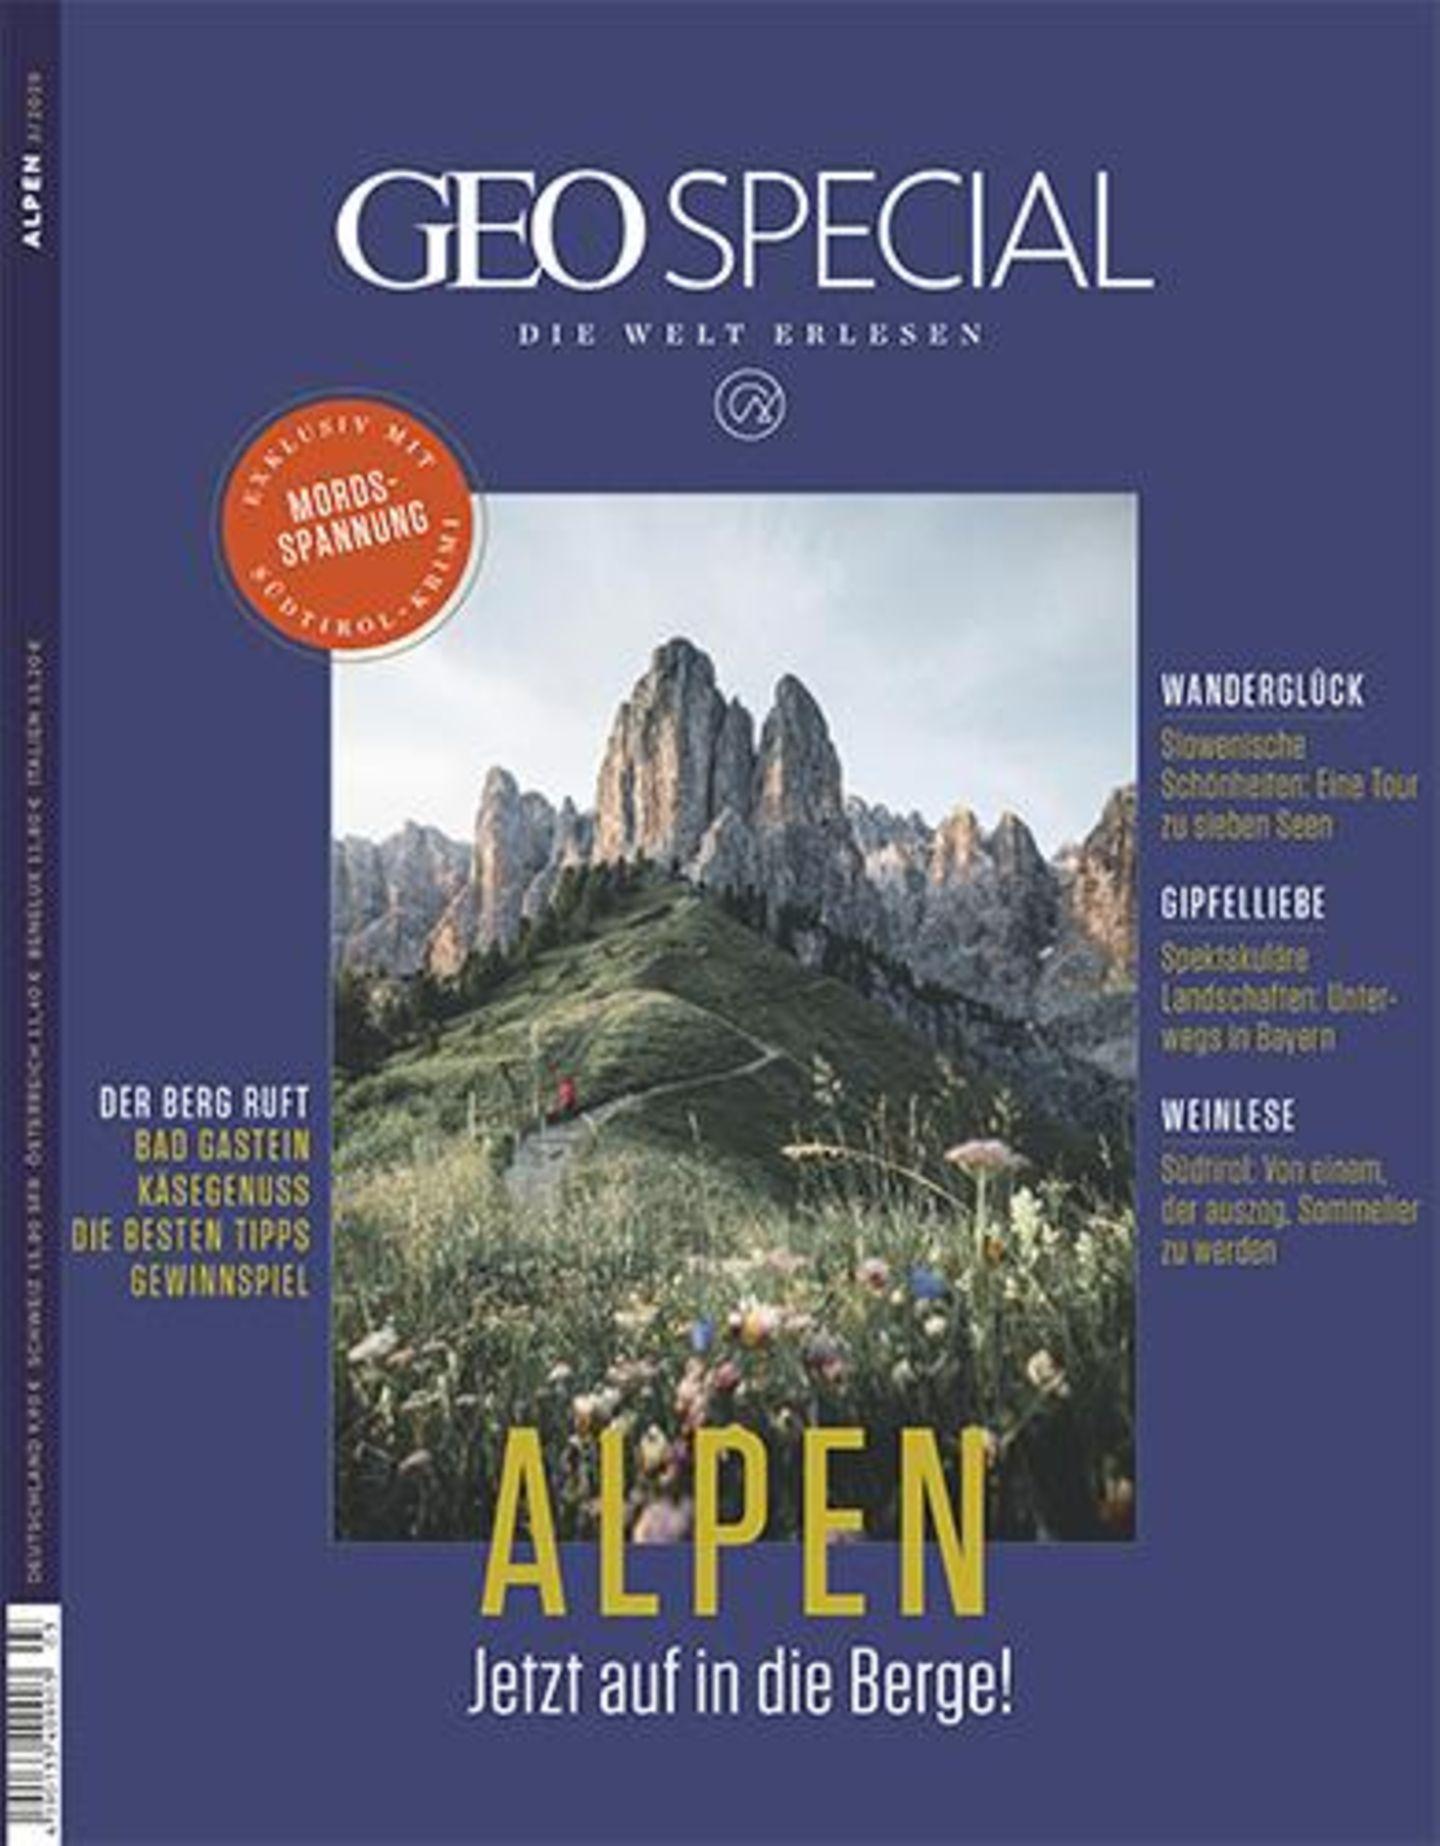 GEO Special: Alpen - Auf in die Berge